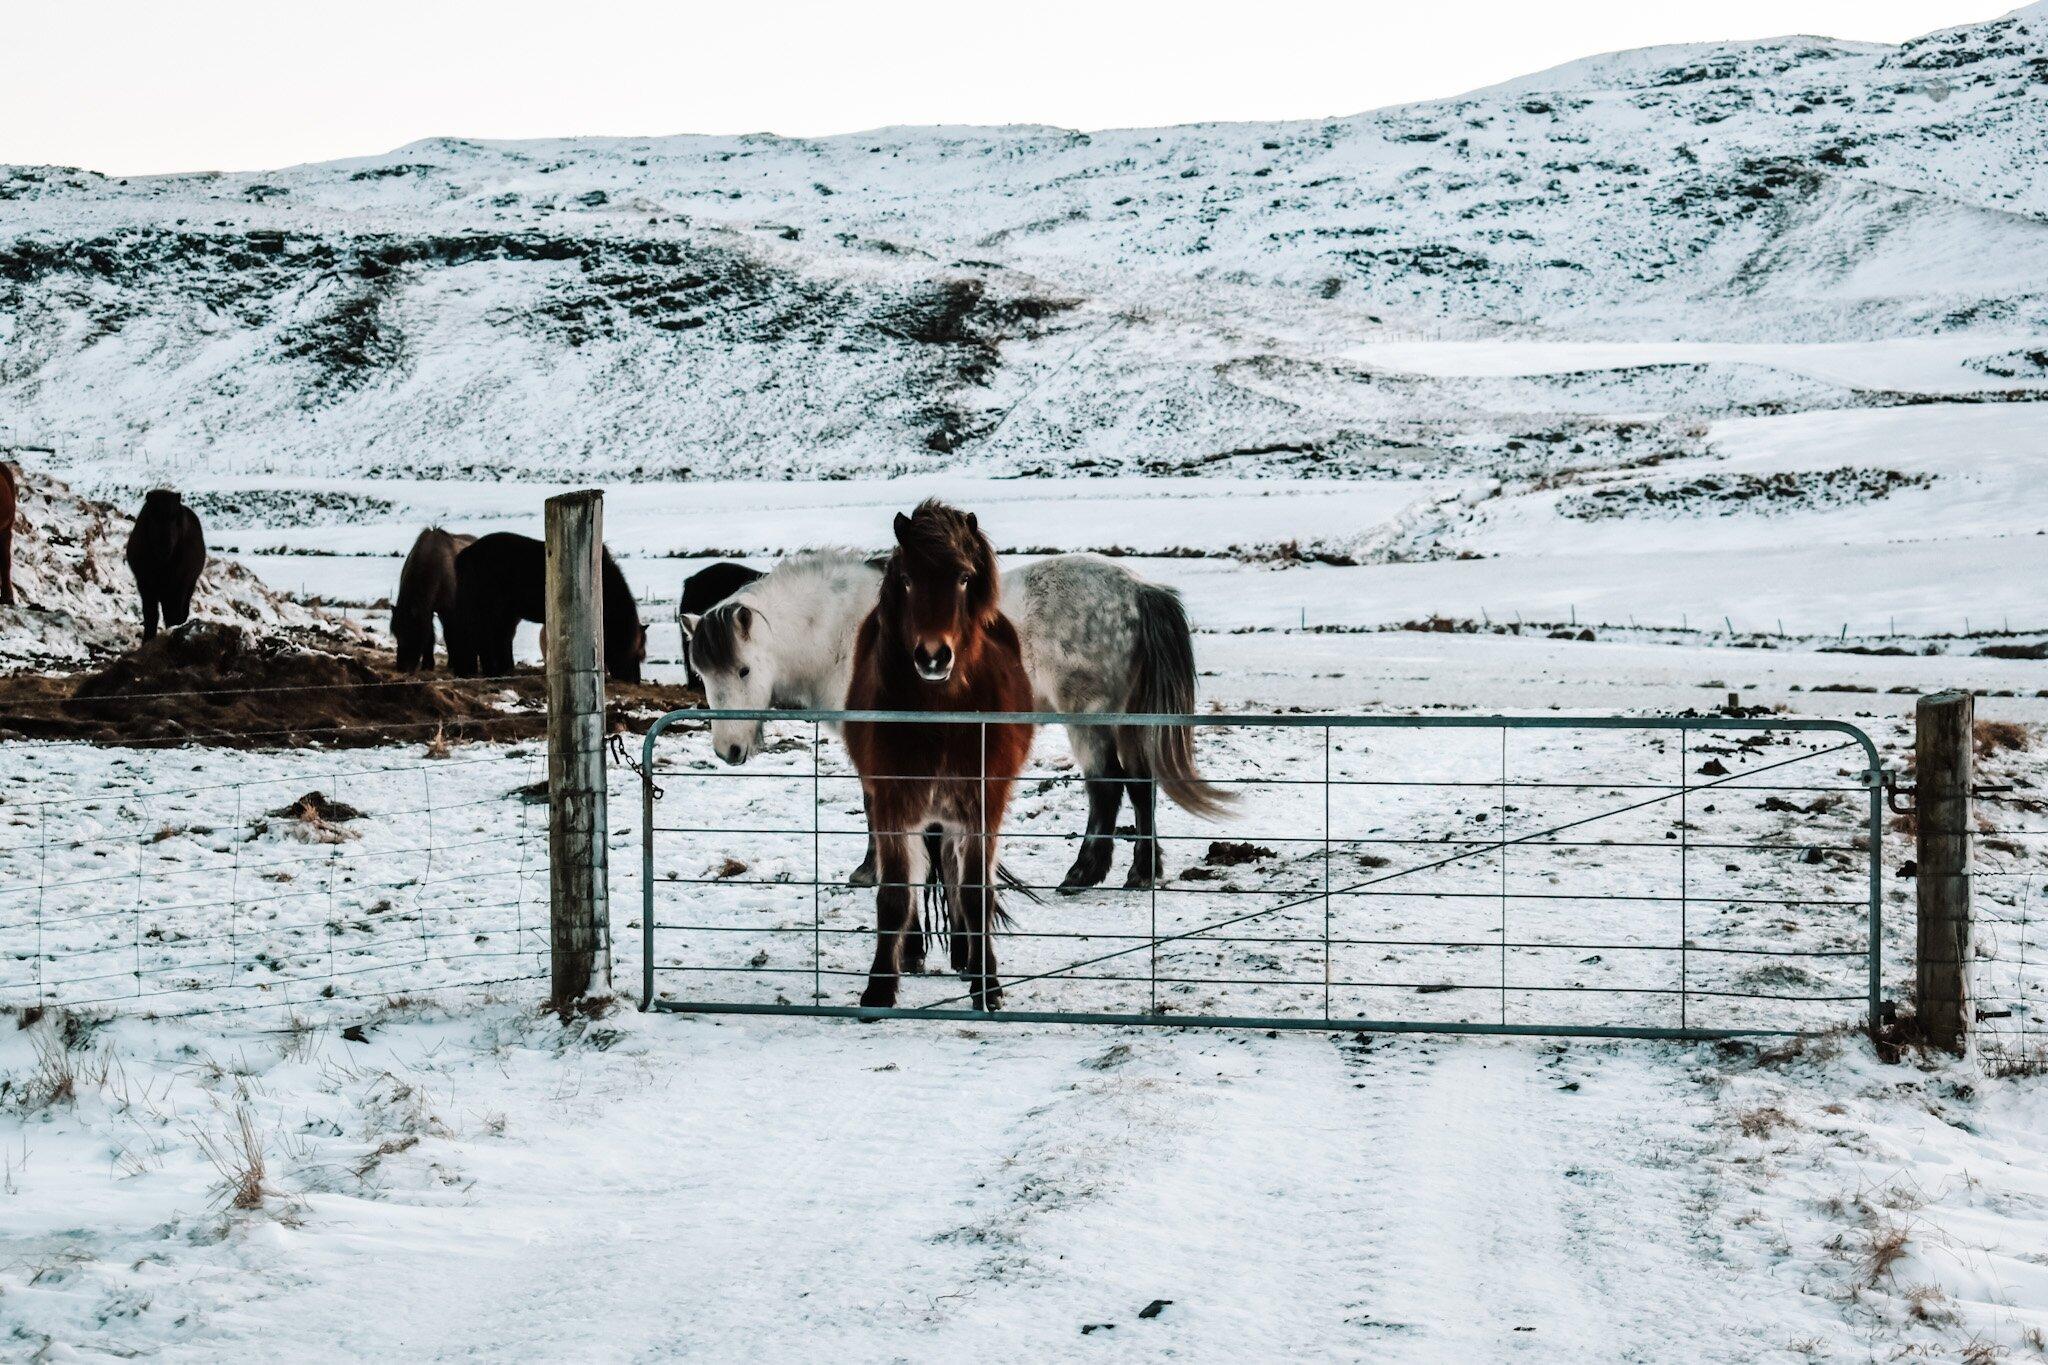 5 dni w Krainie Ognia i Lodu, czyli zimowa podróż na Islandię. Lista miejsc + mapa